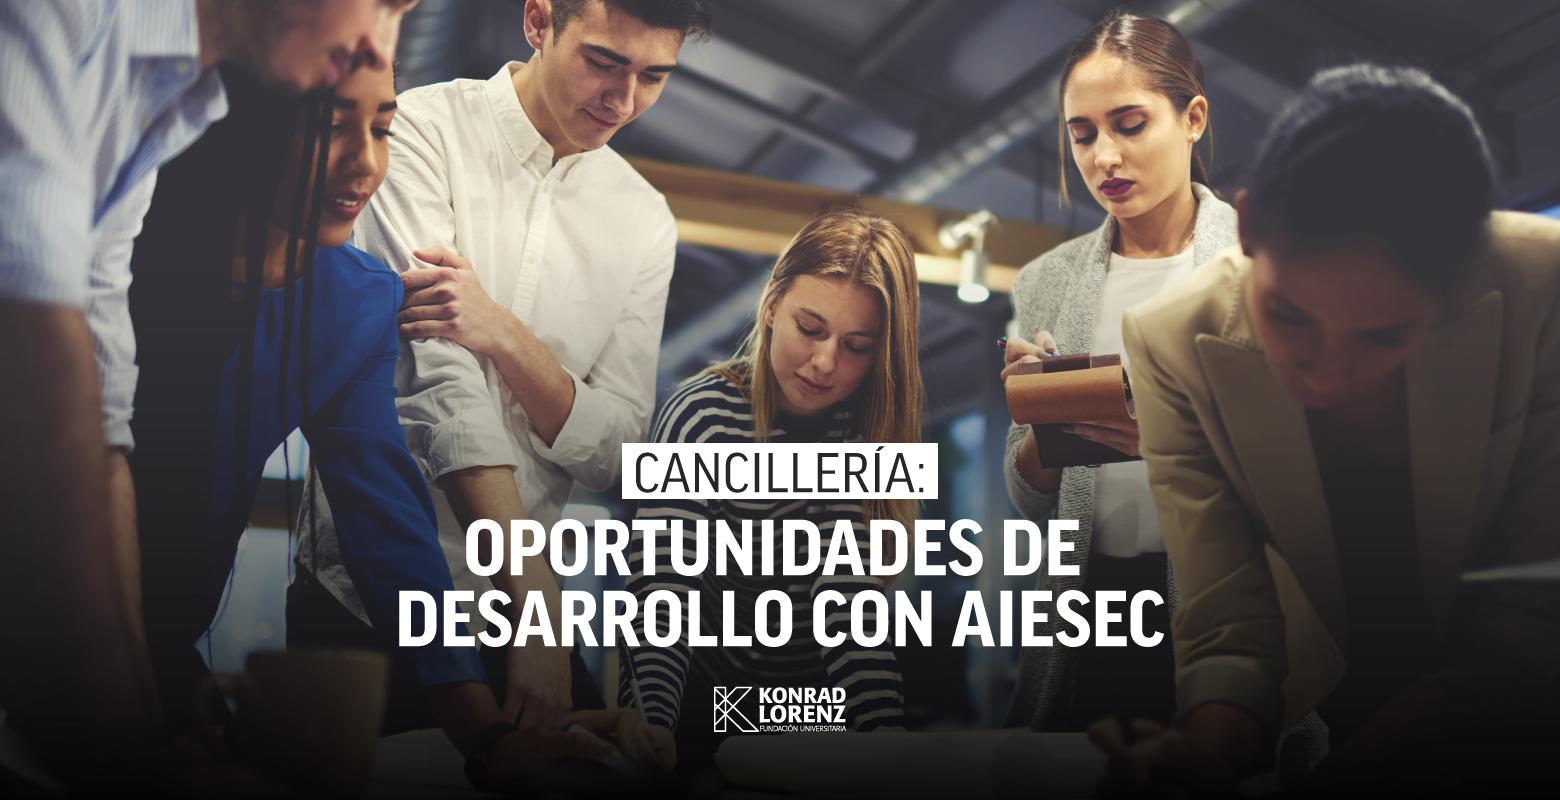 Cancillería: Oportunidades de Desarrollo con AIESEC